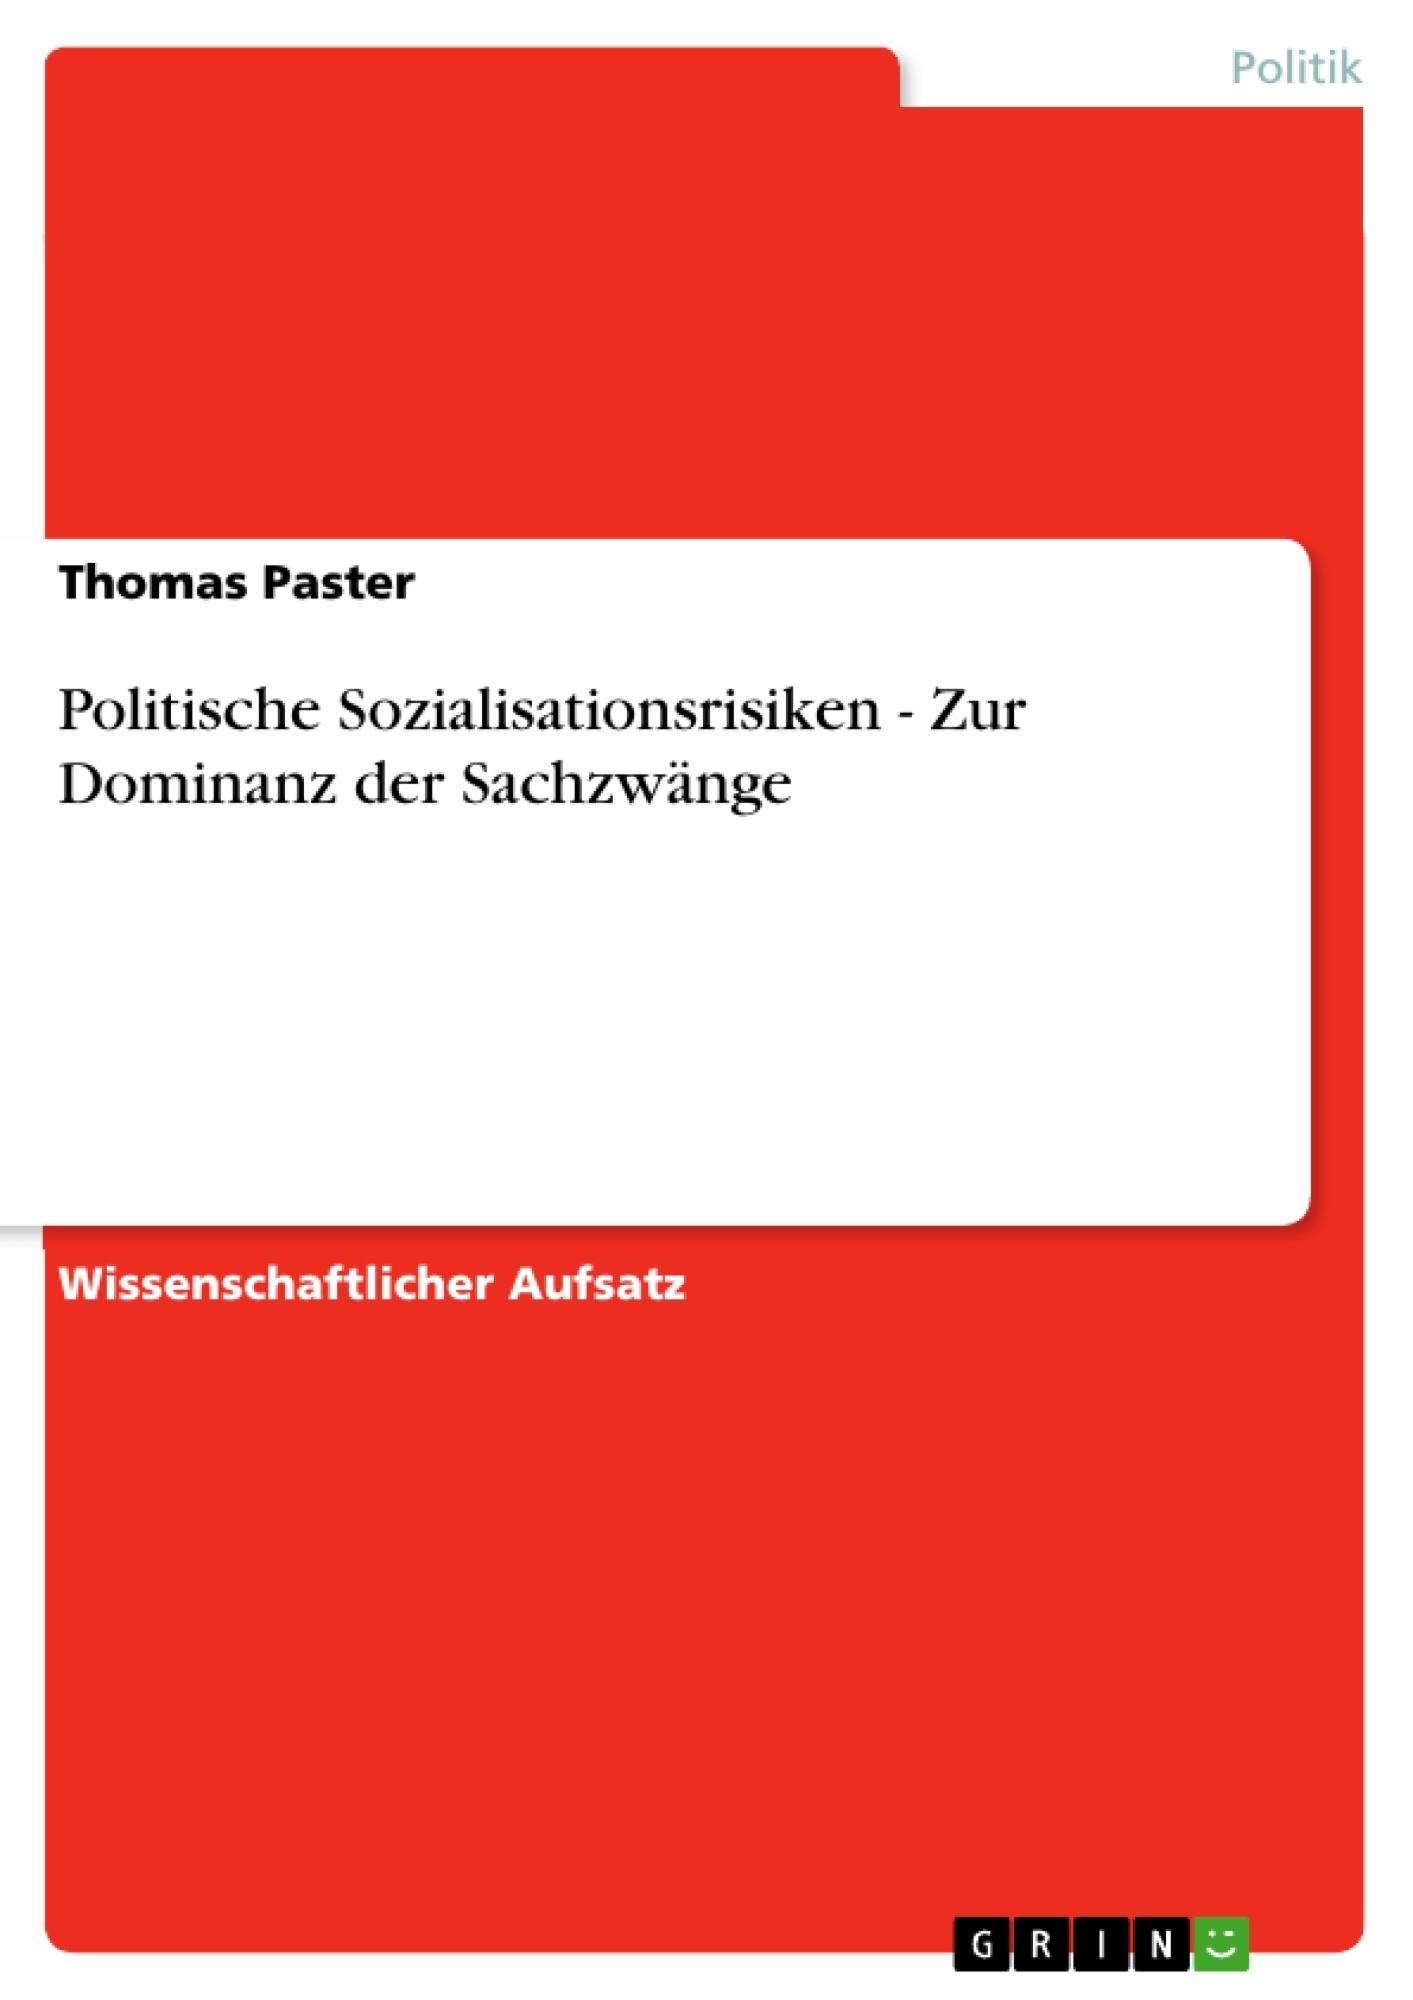 Titel: Politische Sozialisationsrisiken - Zur Dominanz der Sachzwänge